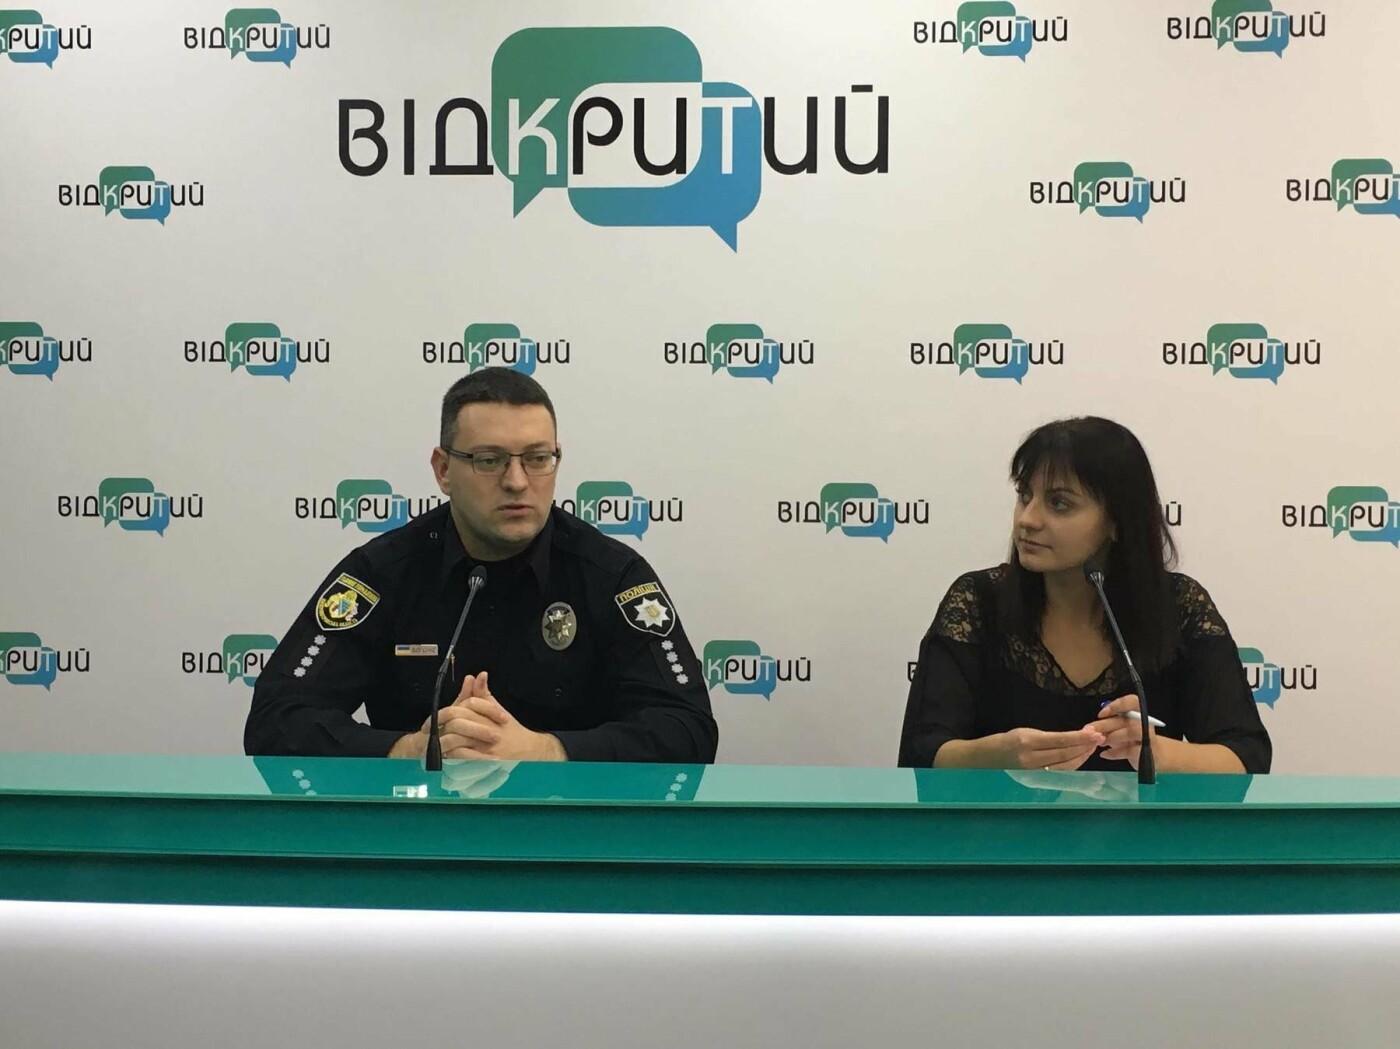 В Украине увеличили штрафы за нарушение ПДД в 17 раз: за что придется платить больше, - ФОТО, фото-1